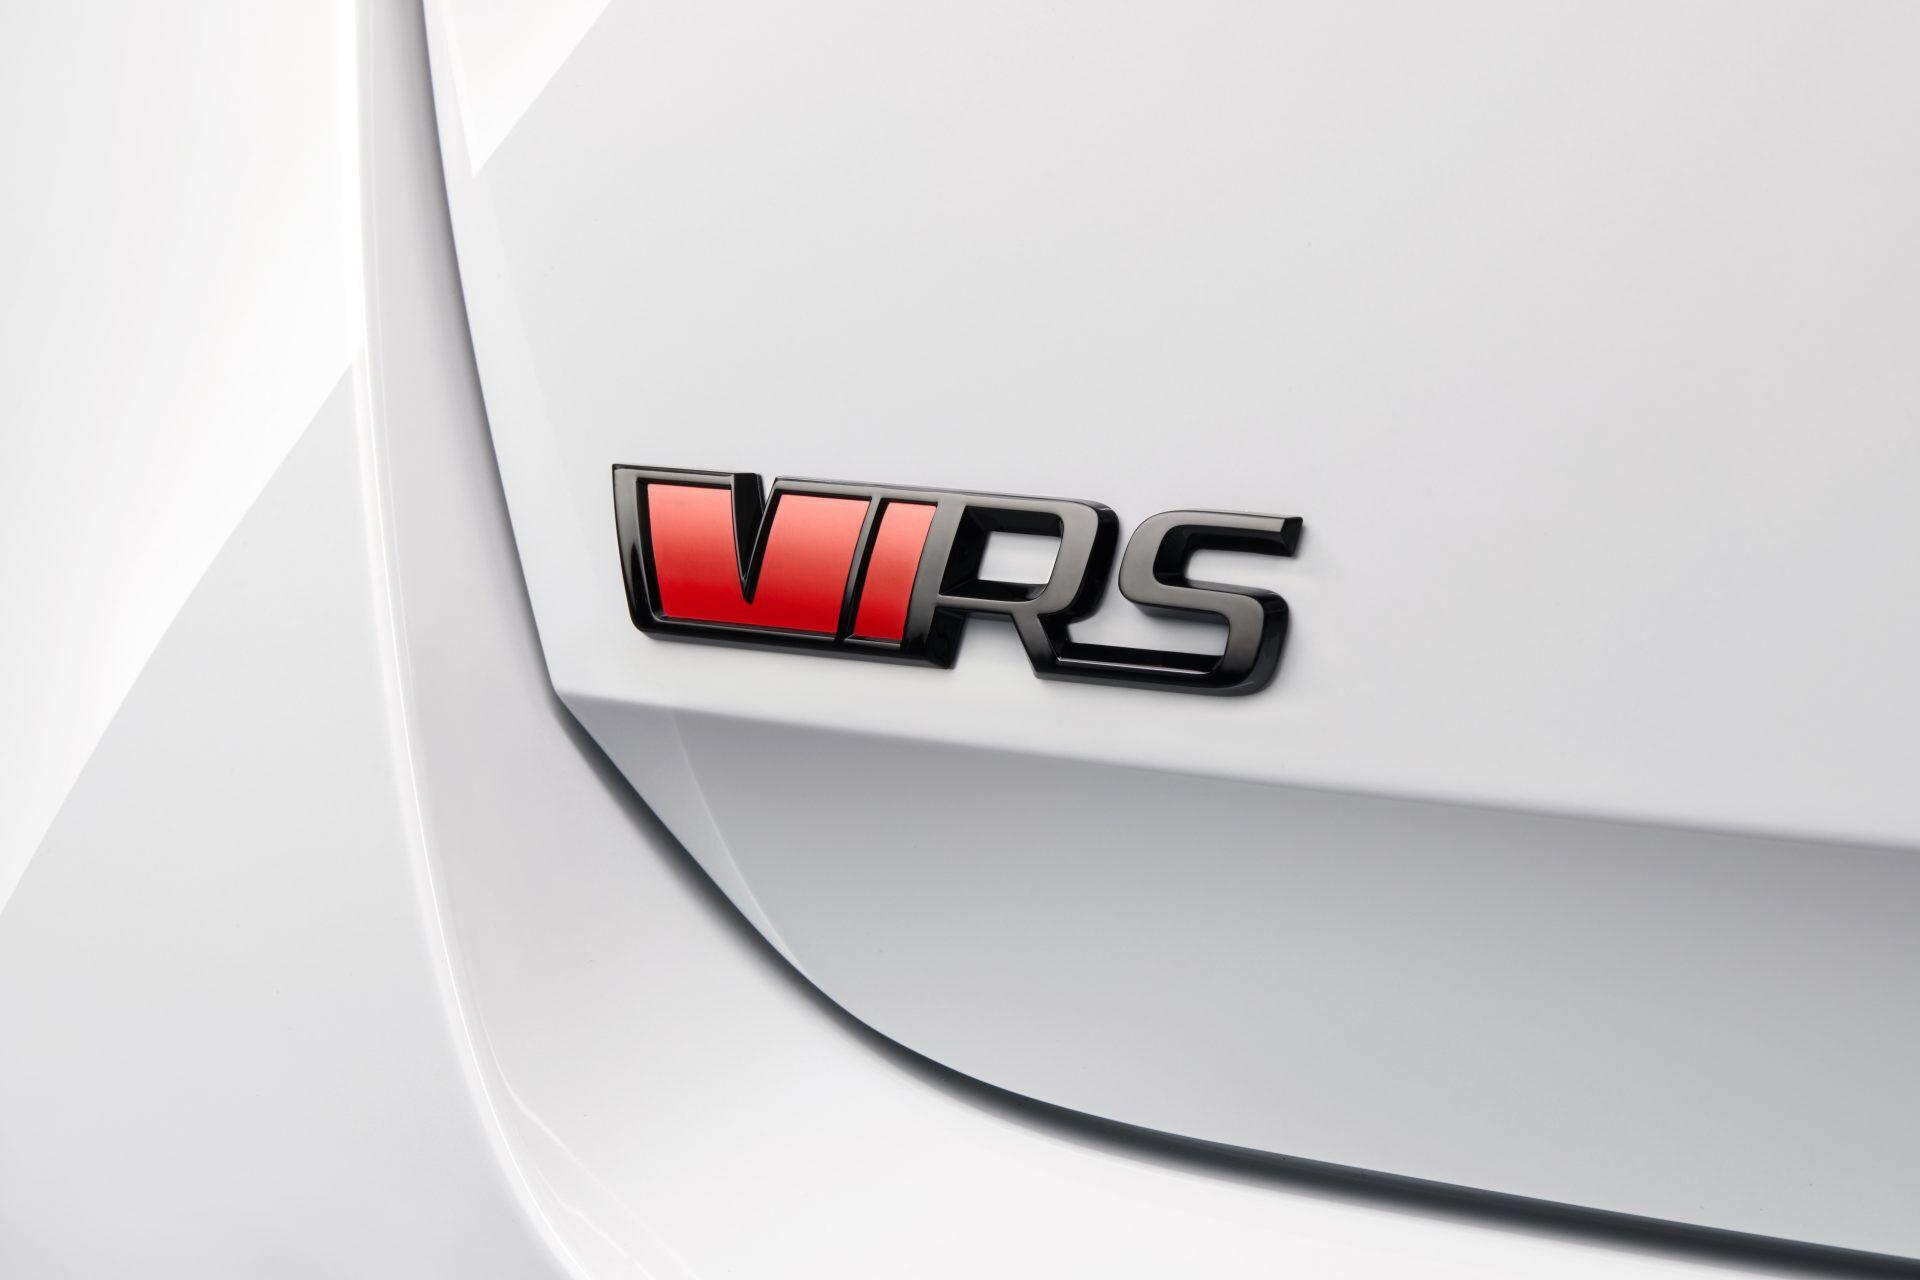 Впервые Skoda Octavia RS будет иметь гибридную версию, получившую обозначение RS iV